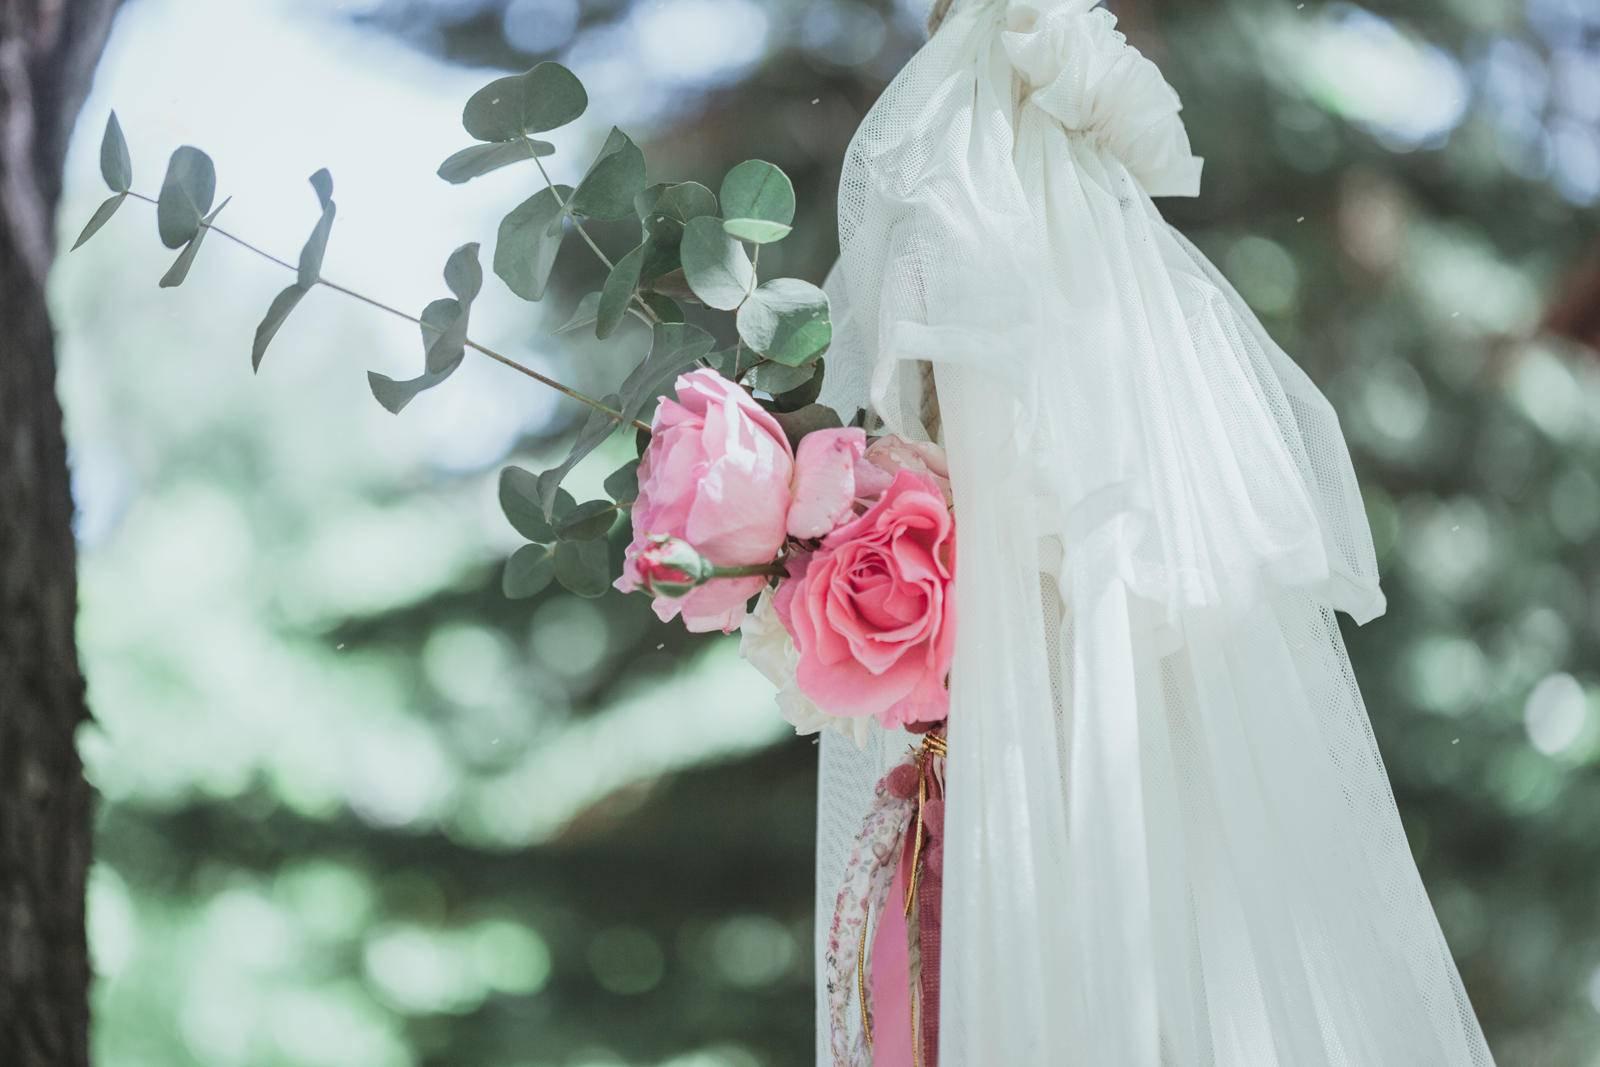 στολισμός βάπτισης λουλούδια και ύφασμα